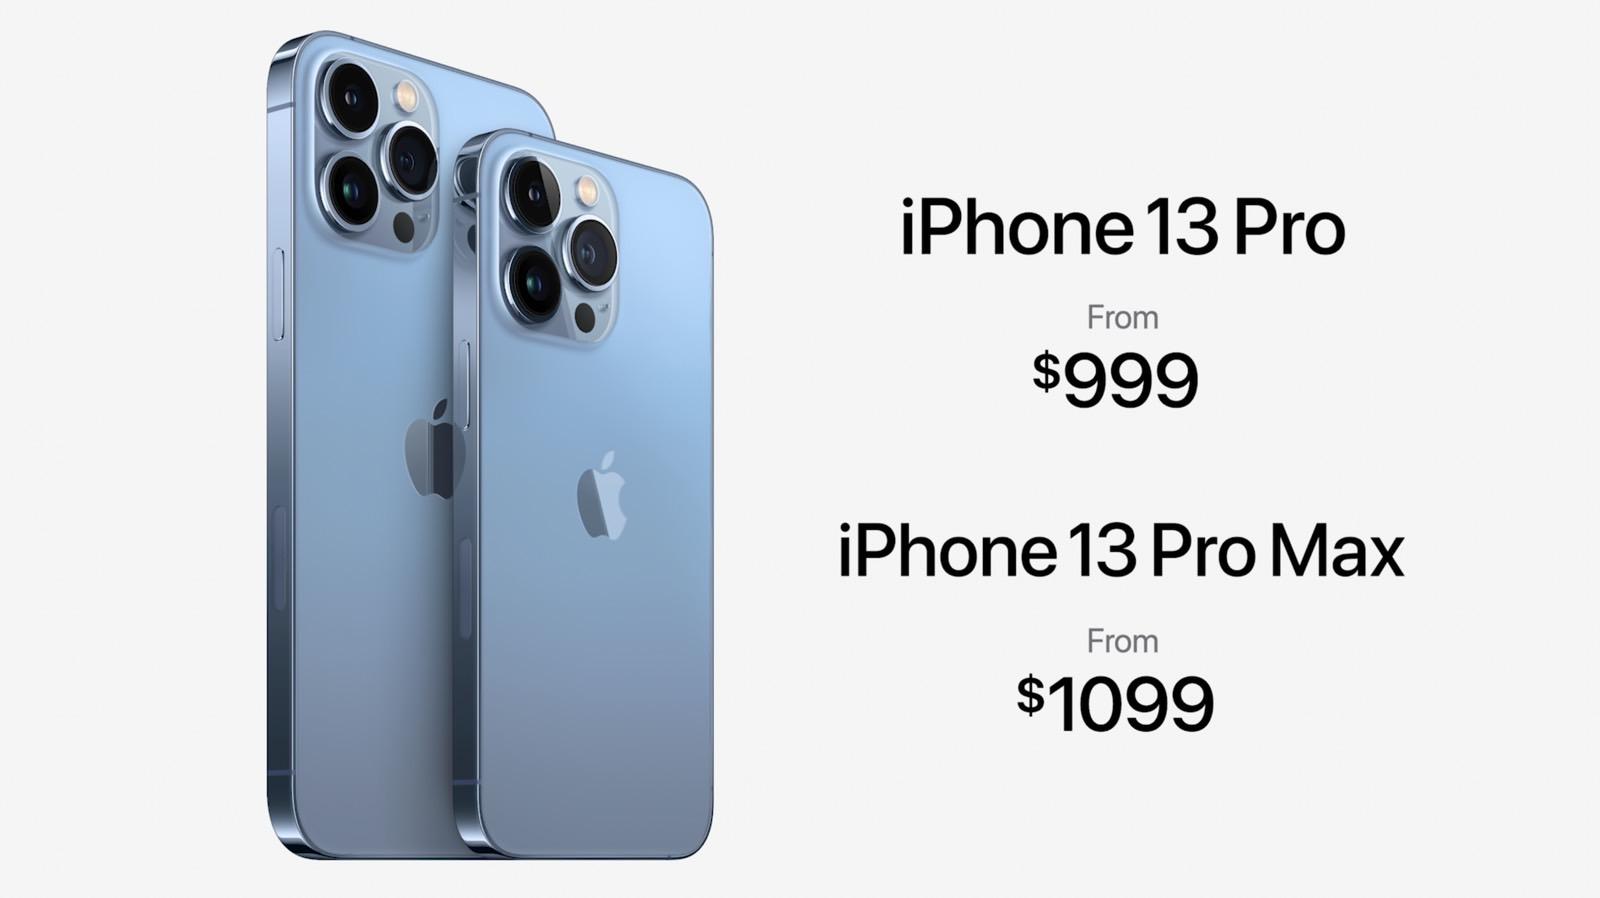 आईफोन 13 प्रो मैक्स